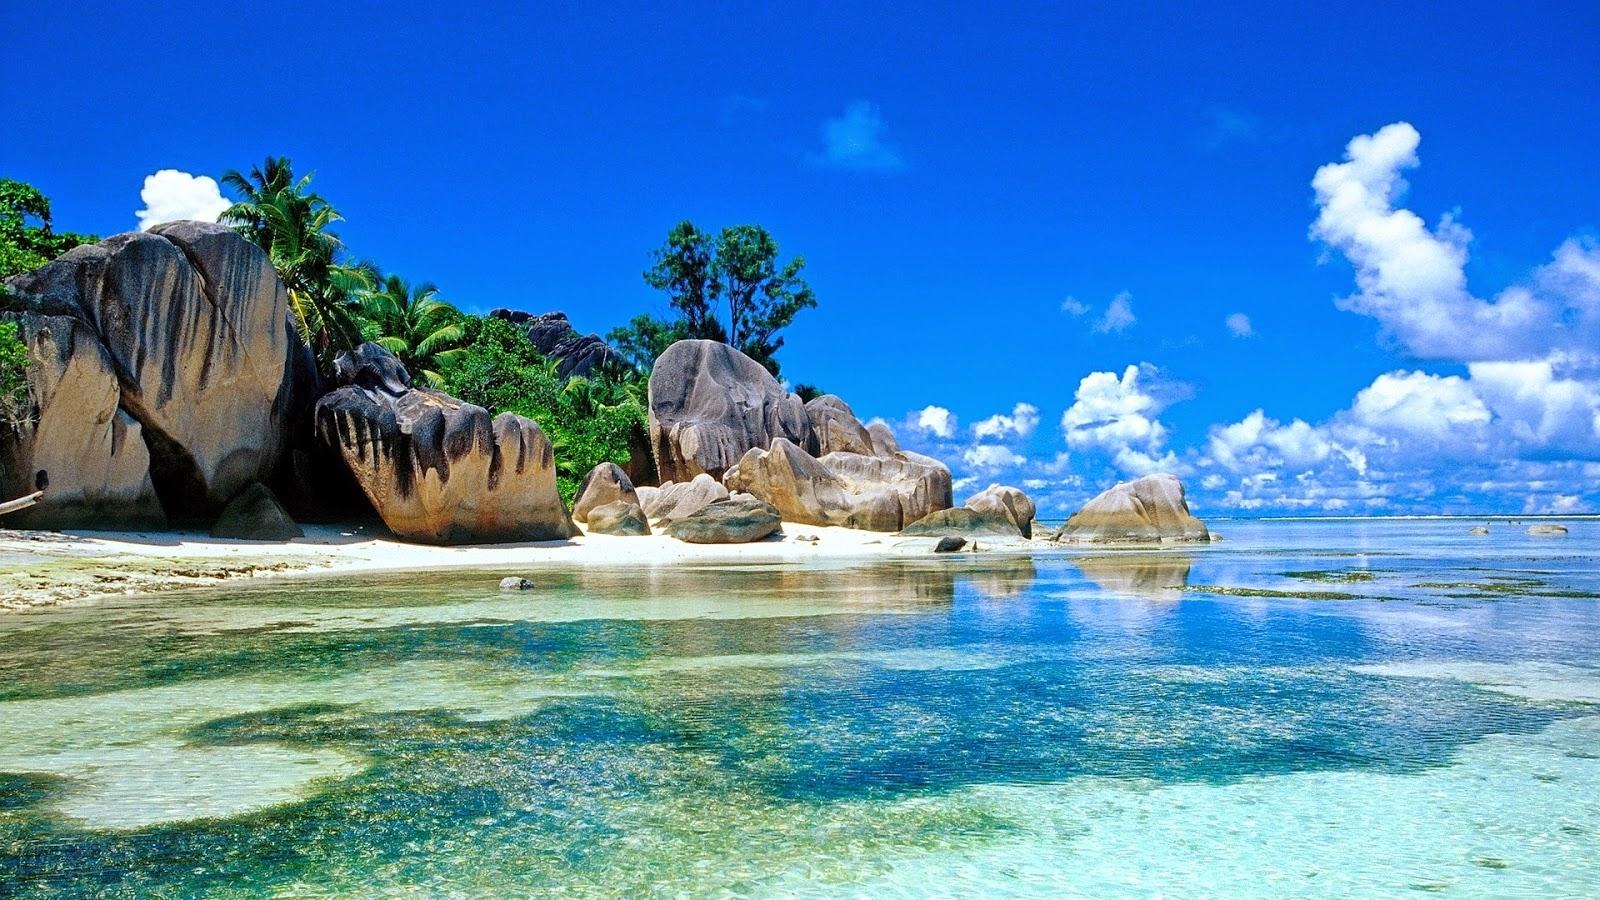 Widescreen tropiccal beach 1080p HD wallpapers for desktopjpg 1600x900